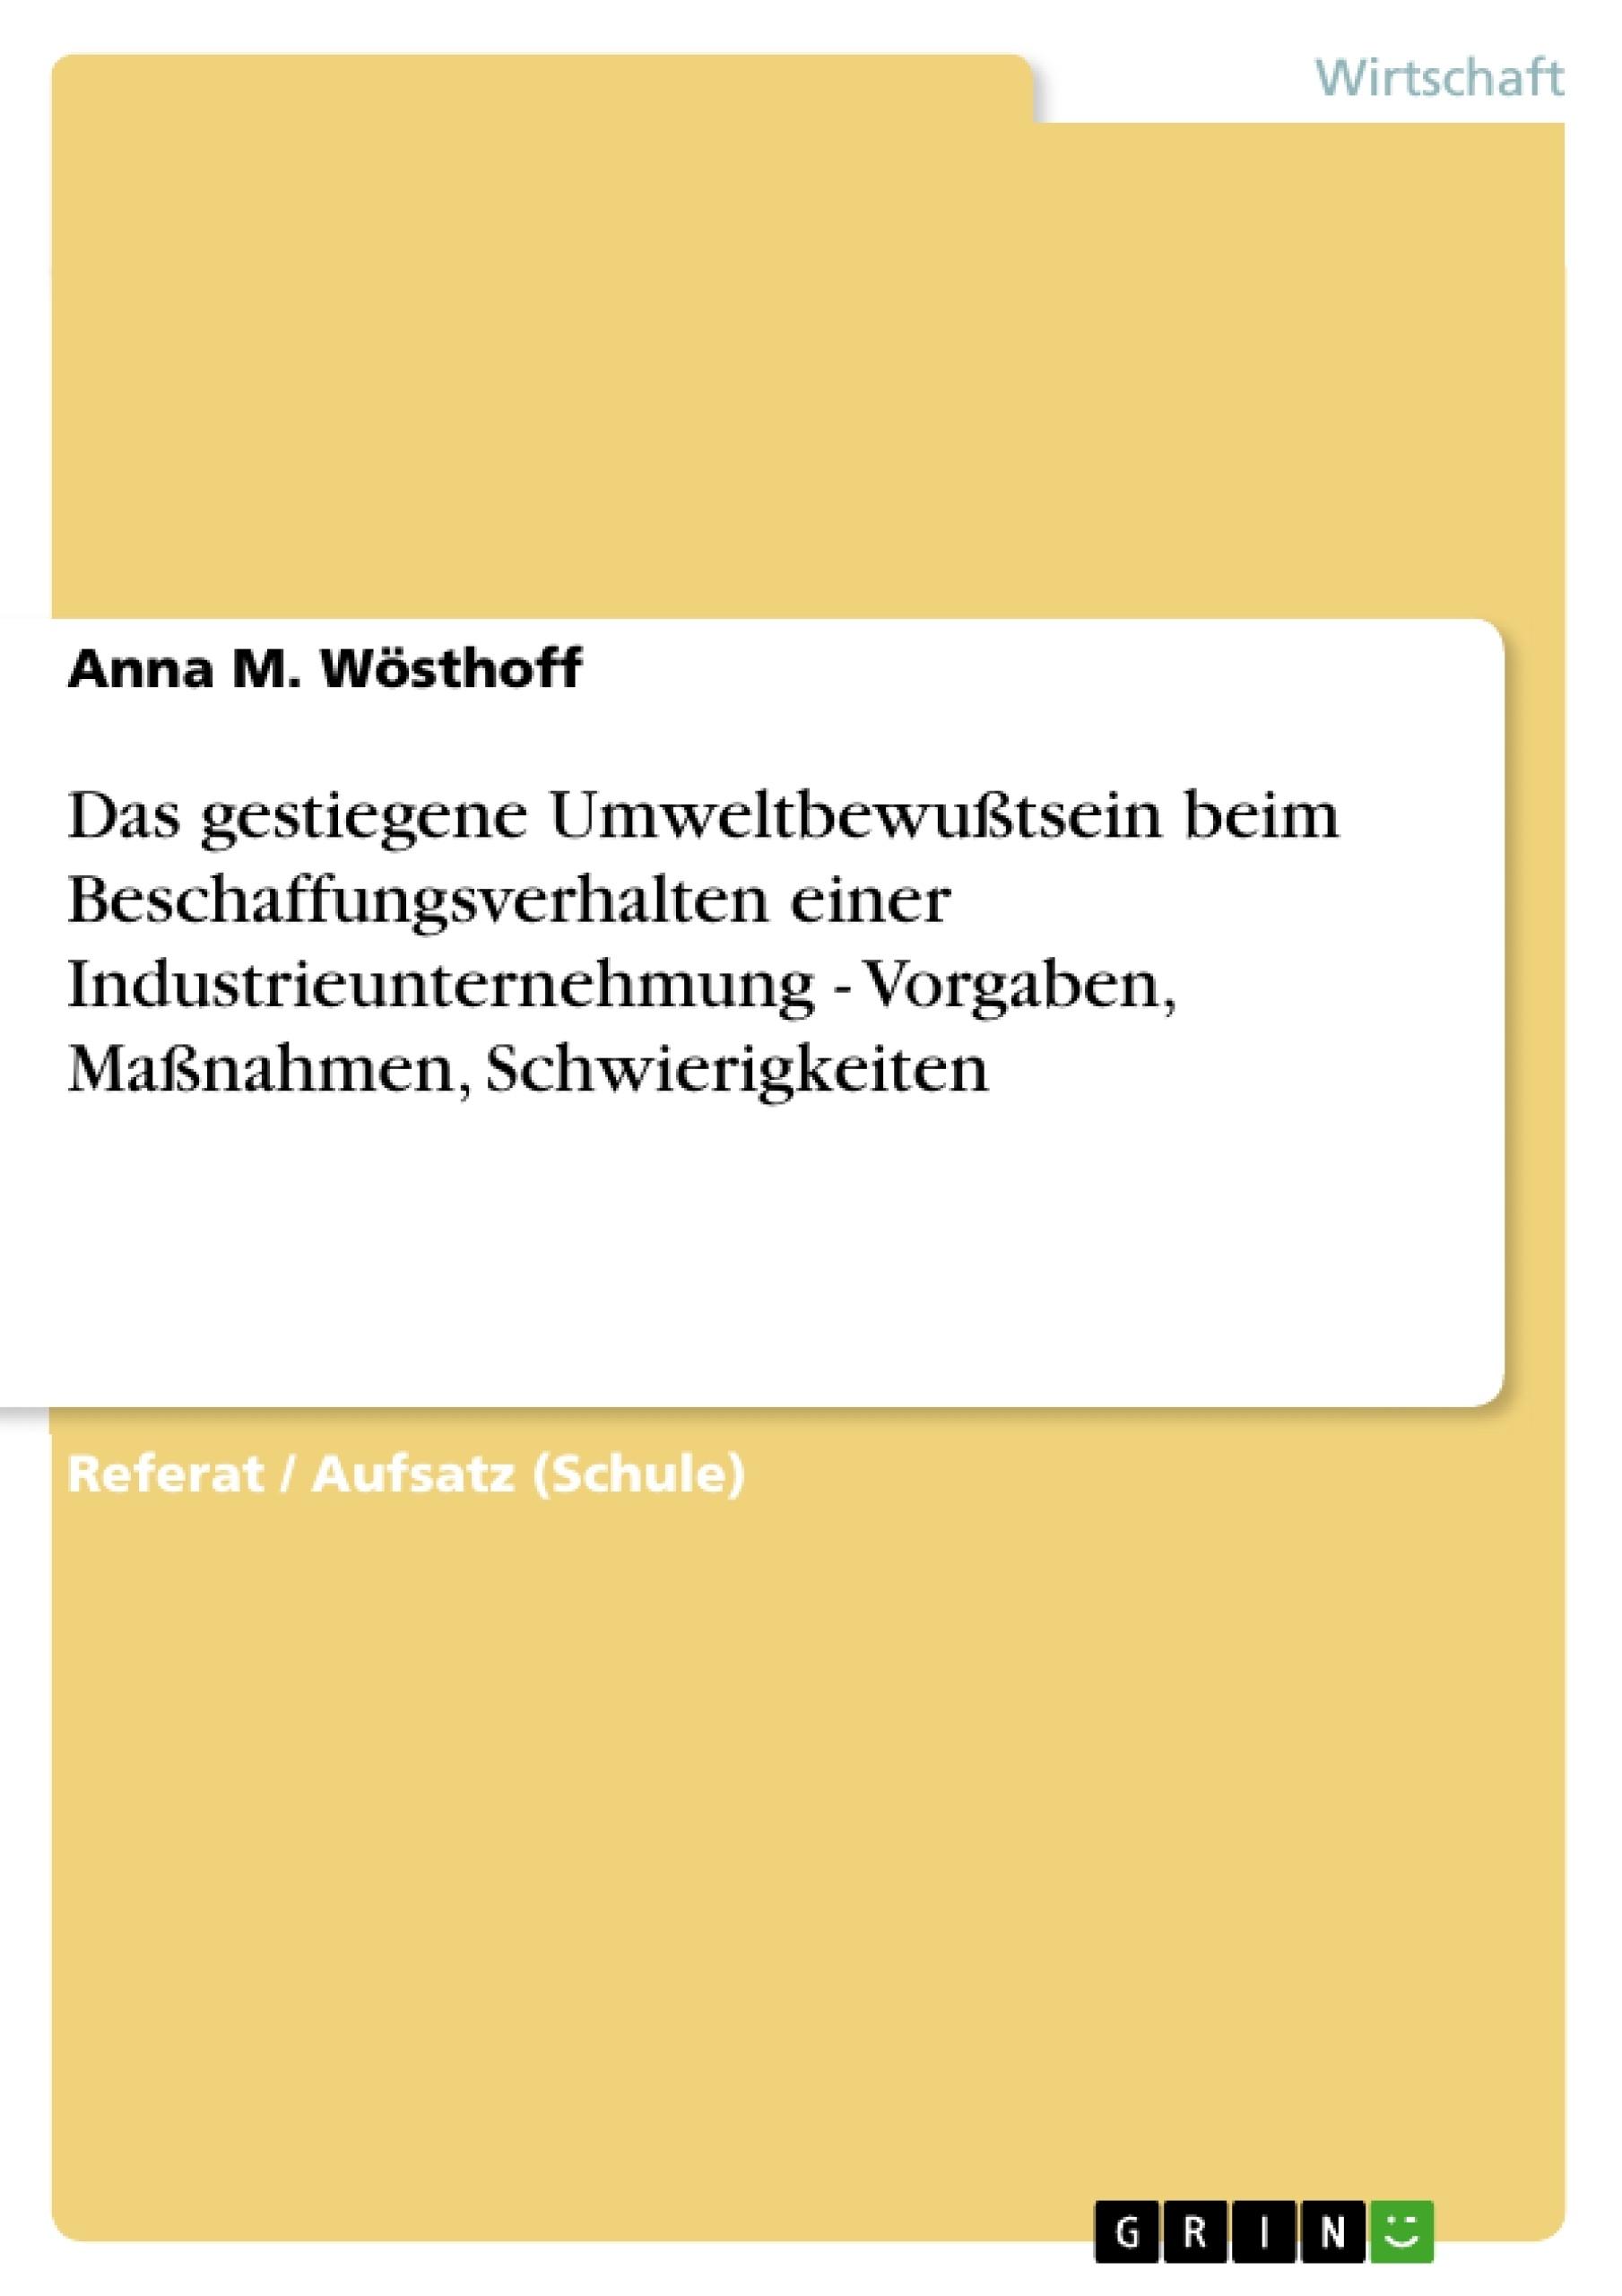 Titel: Das gestiegene Umweltbewußtsein beim Beschaffungsverhalten einer Industrieunternehmung - Vorgaben, Maßnahmen, Schwierigkeiten